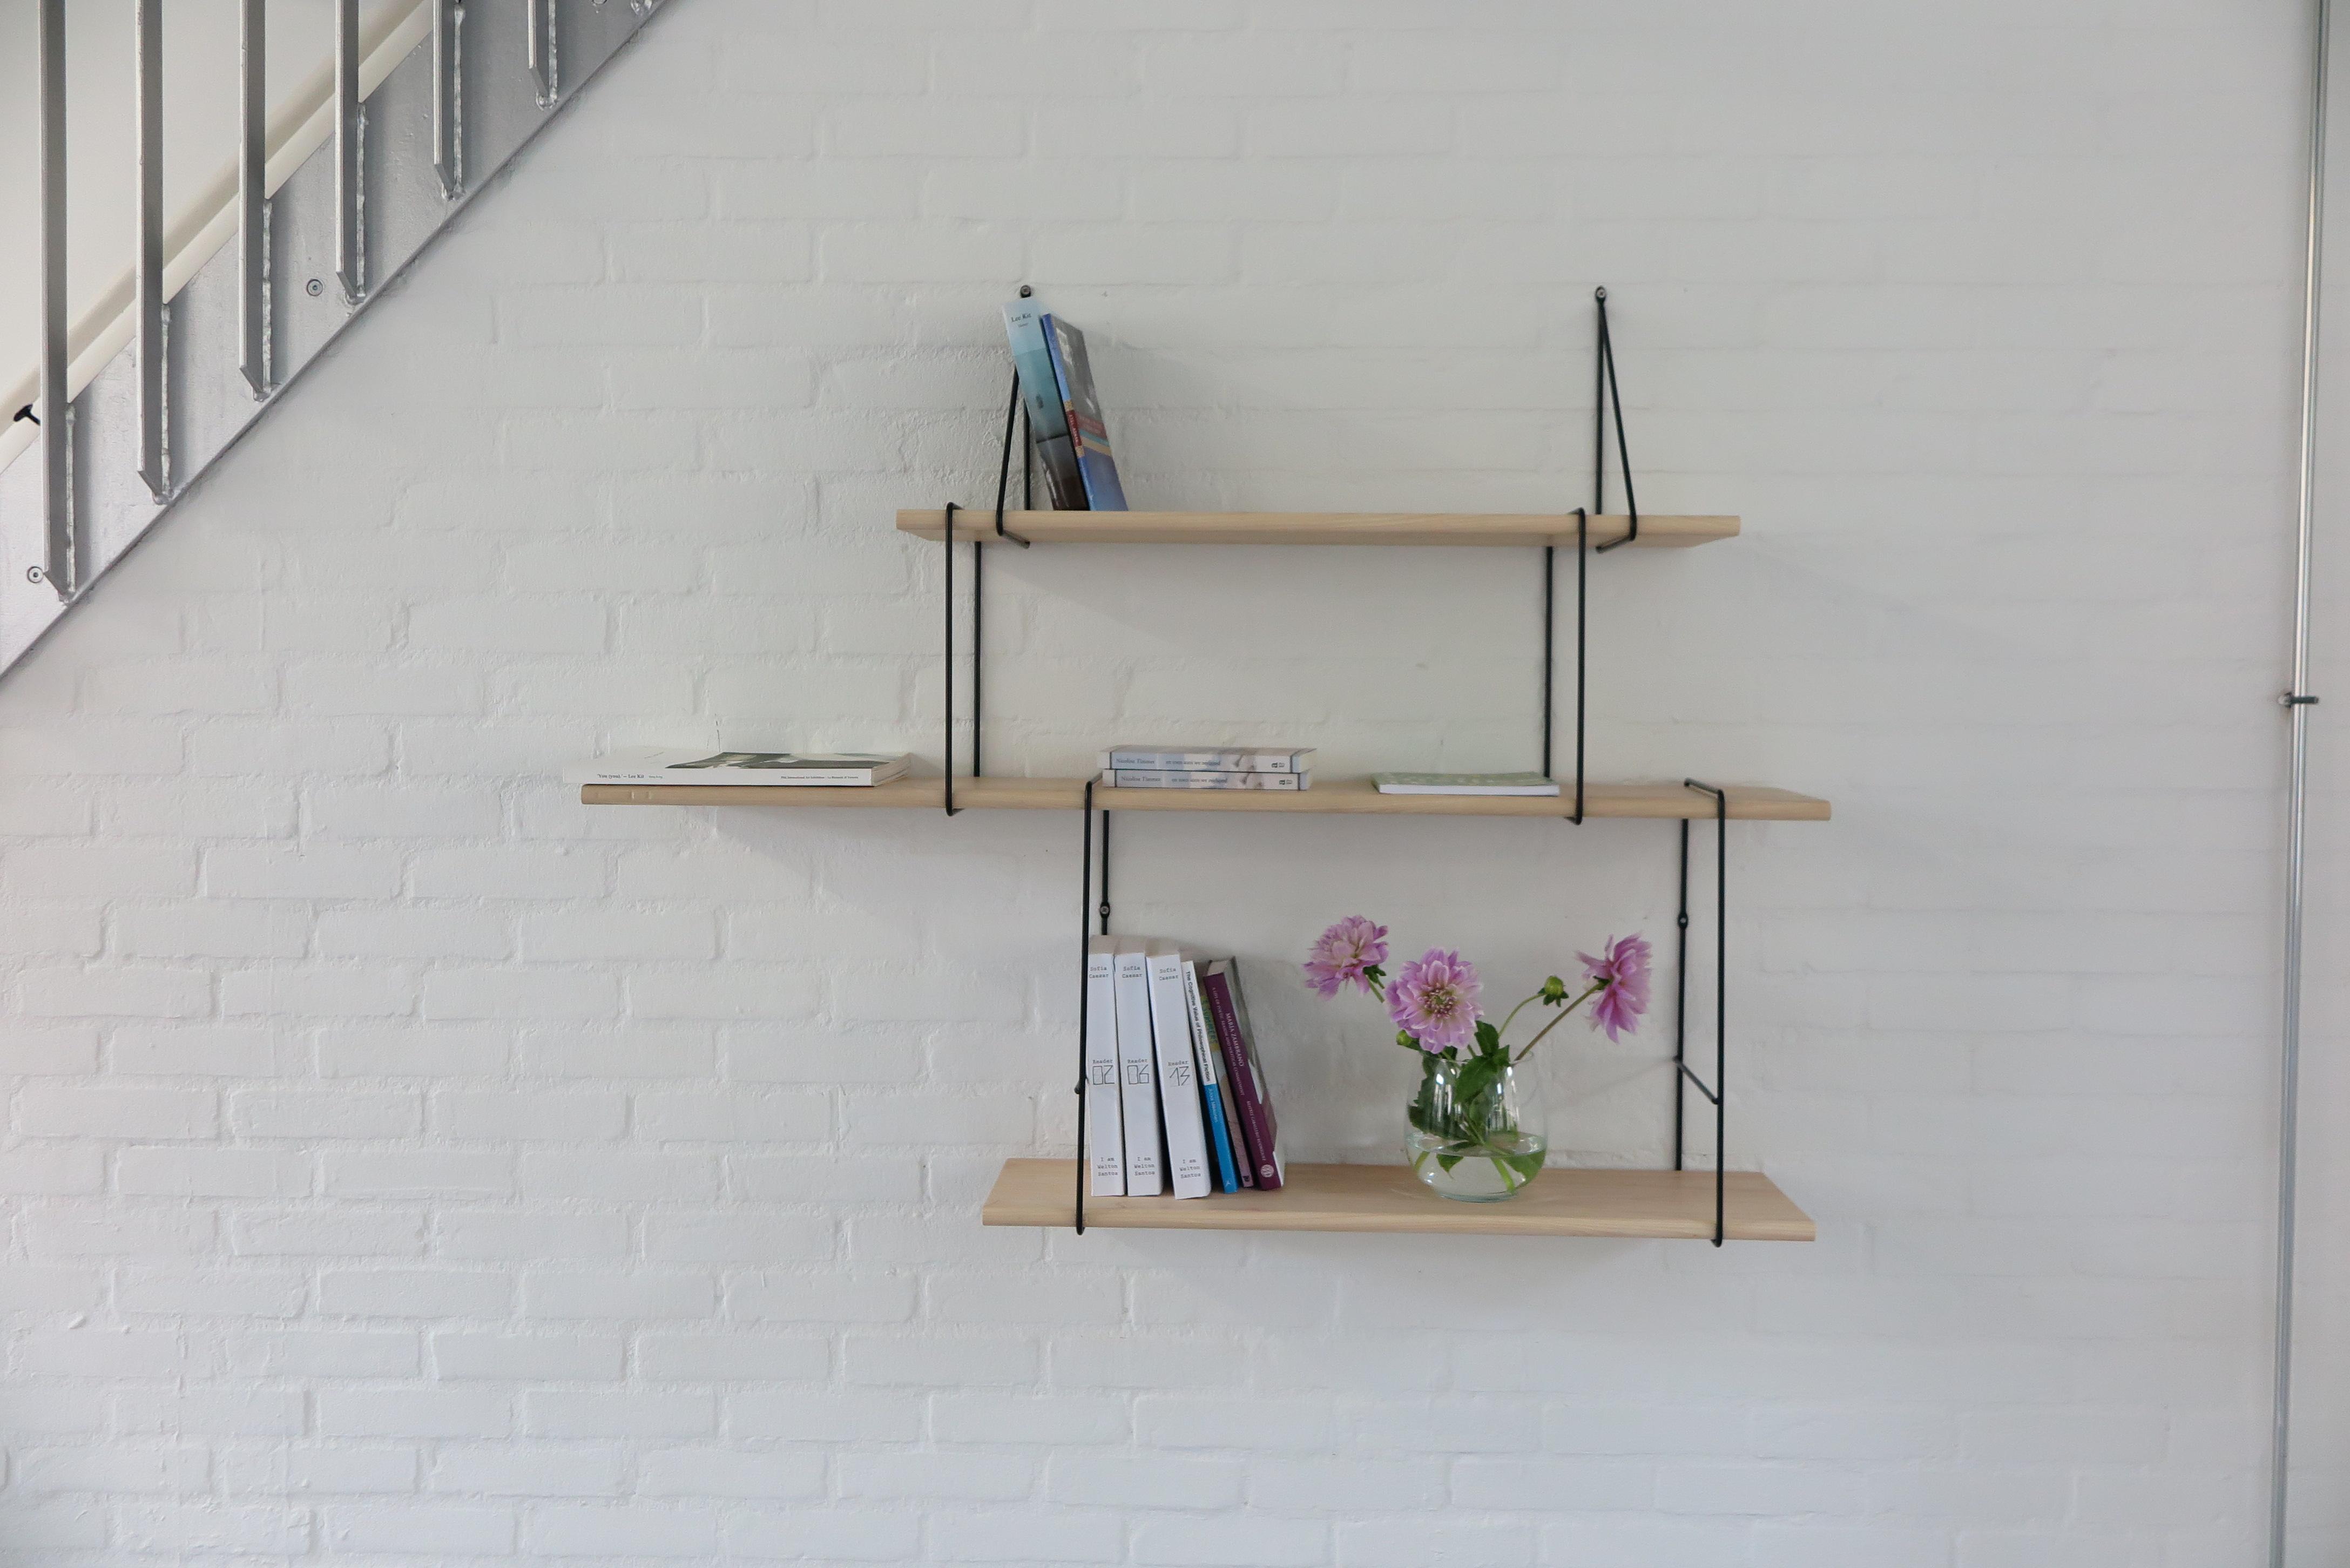 Installatie (situatie) van Lee Kit